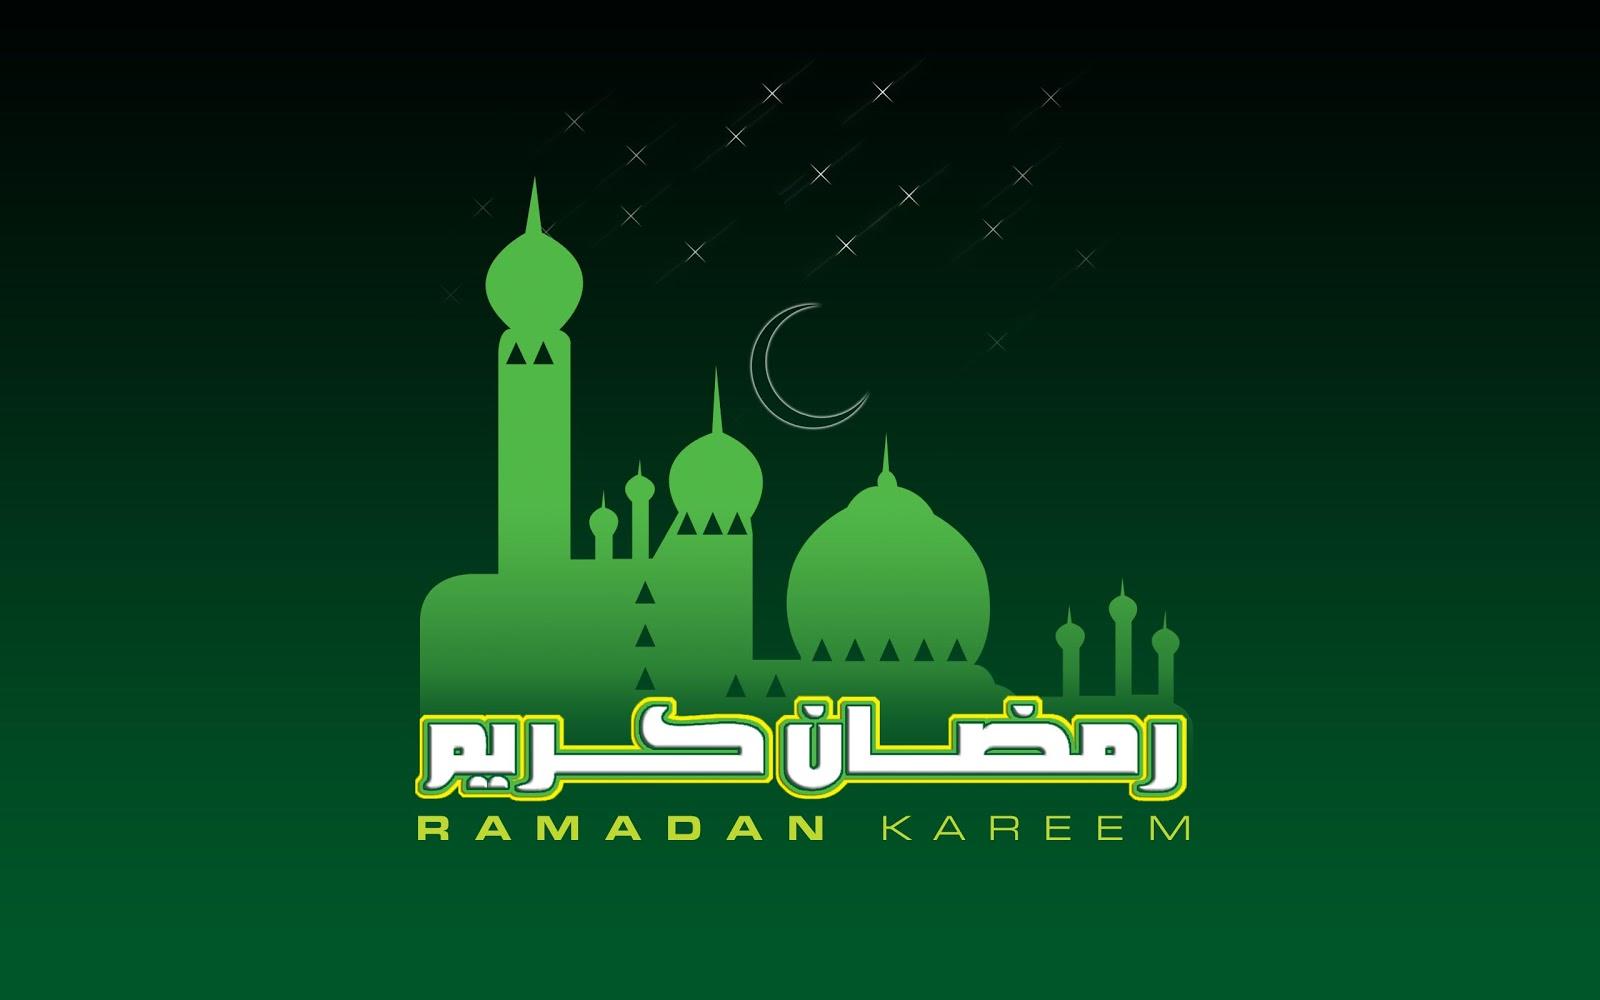 Download Koleksi Ramadhan Wallpaper Style 4shared Link Gratis